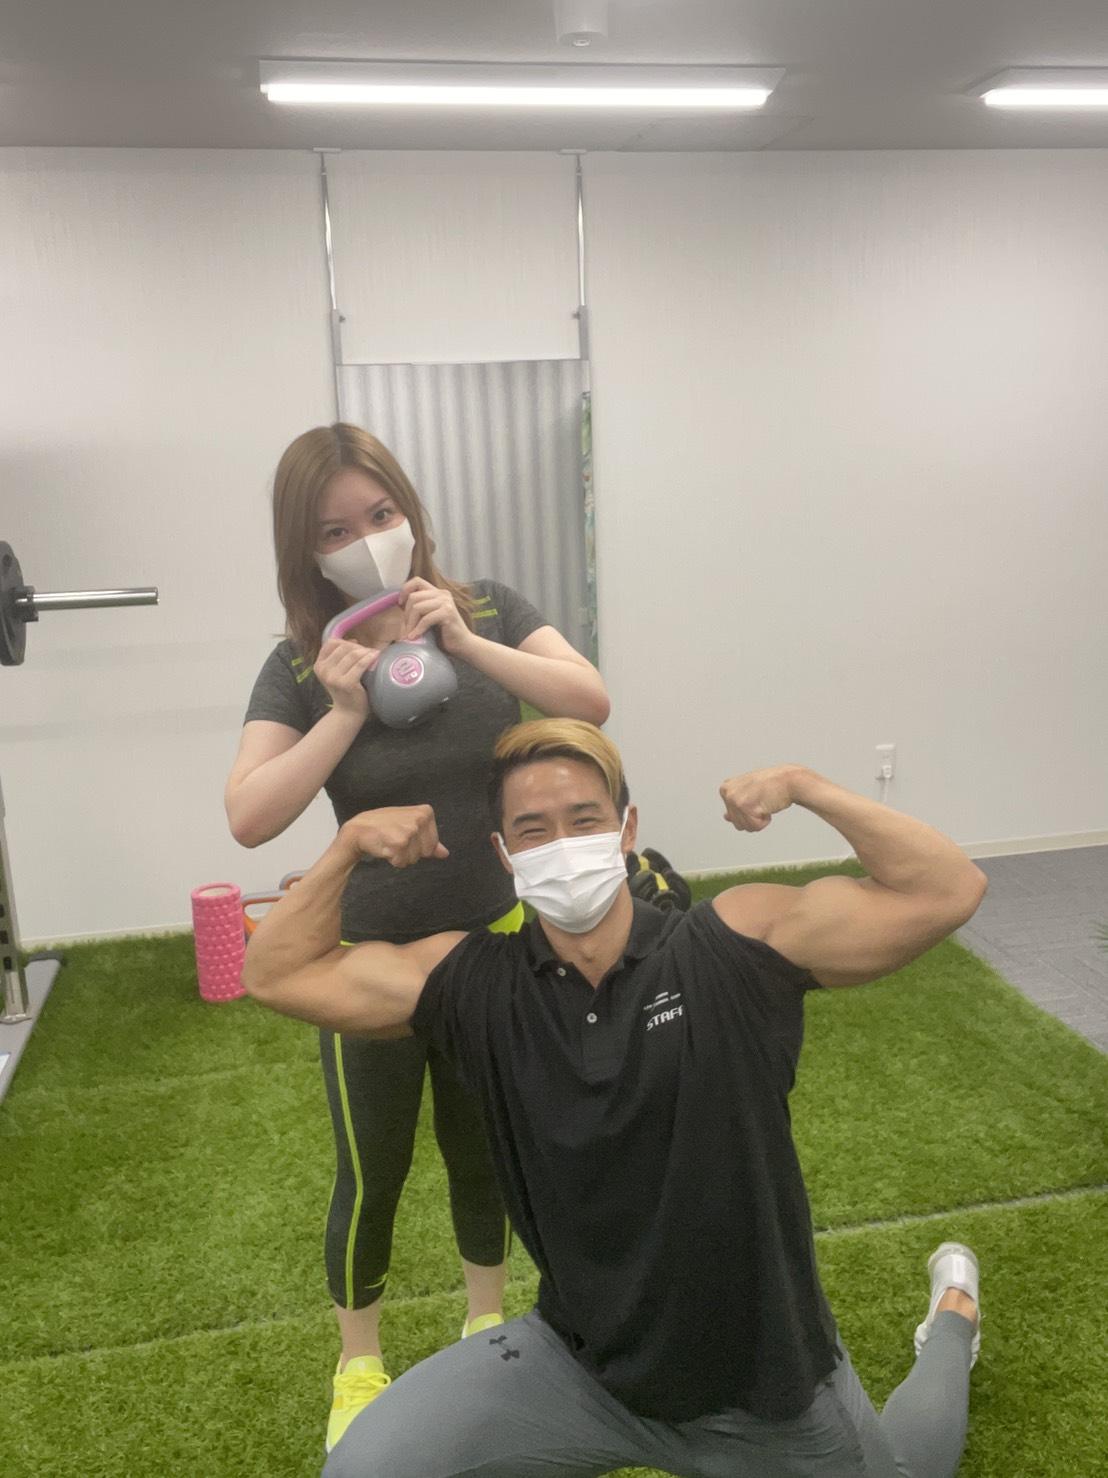 昭和区 パーソナルジム 女性のお客様とトレーナーの写真